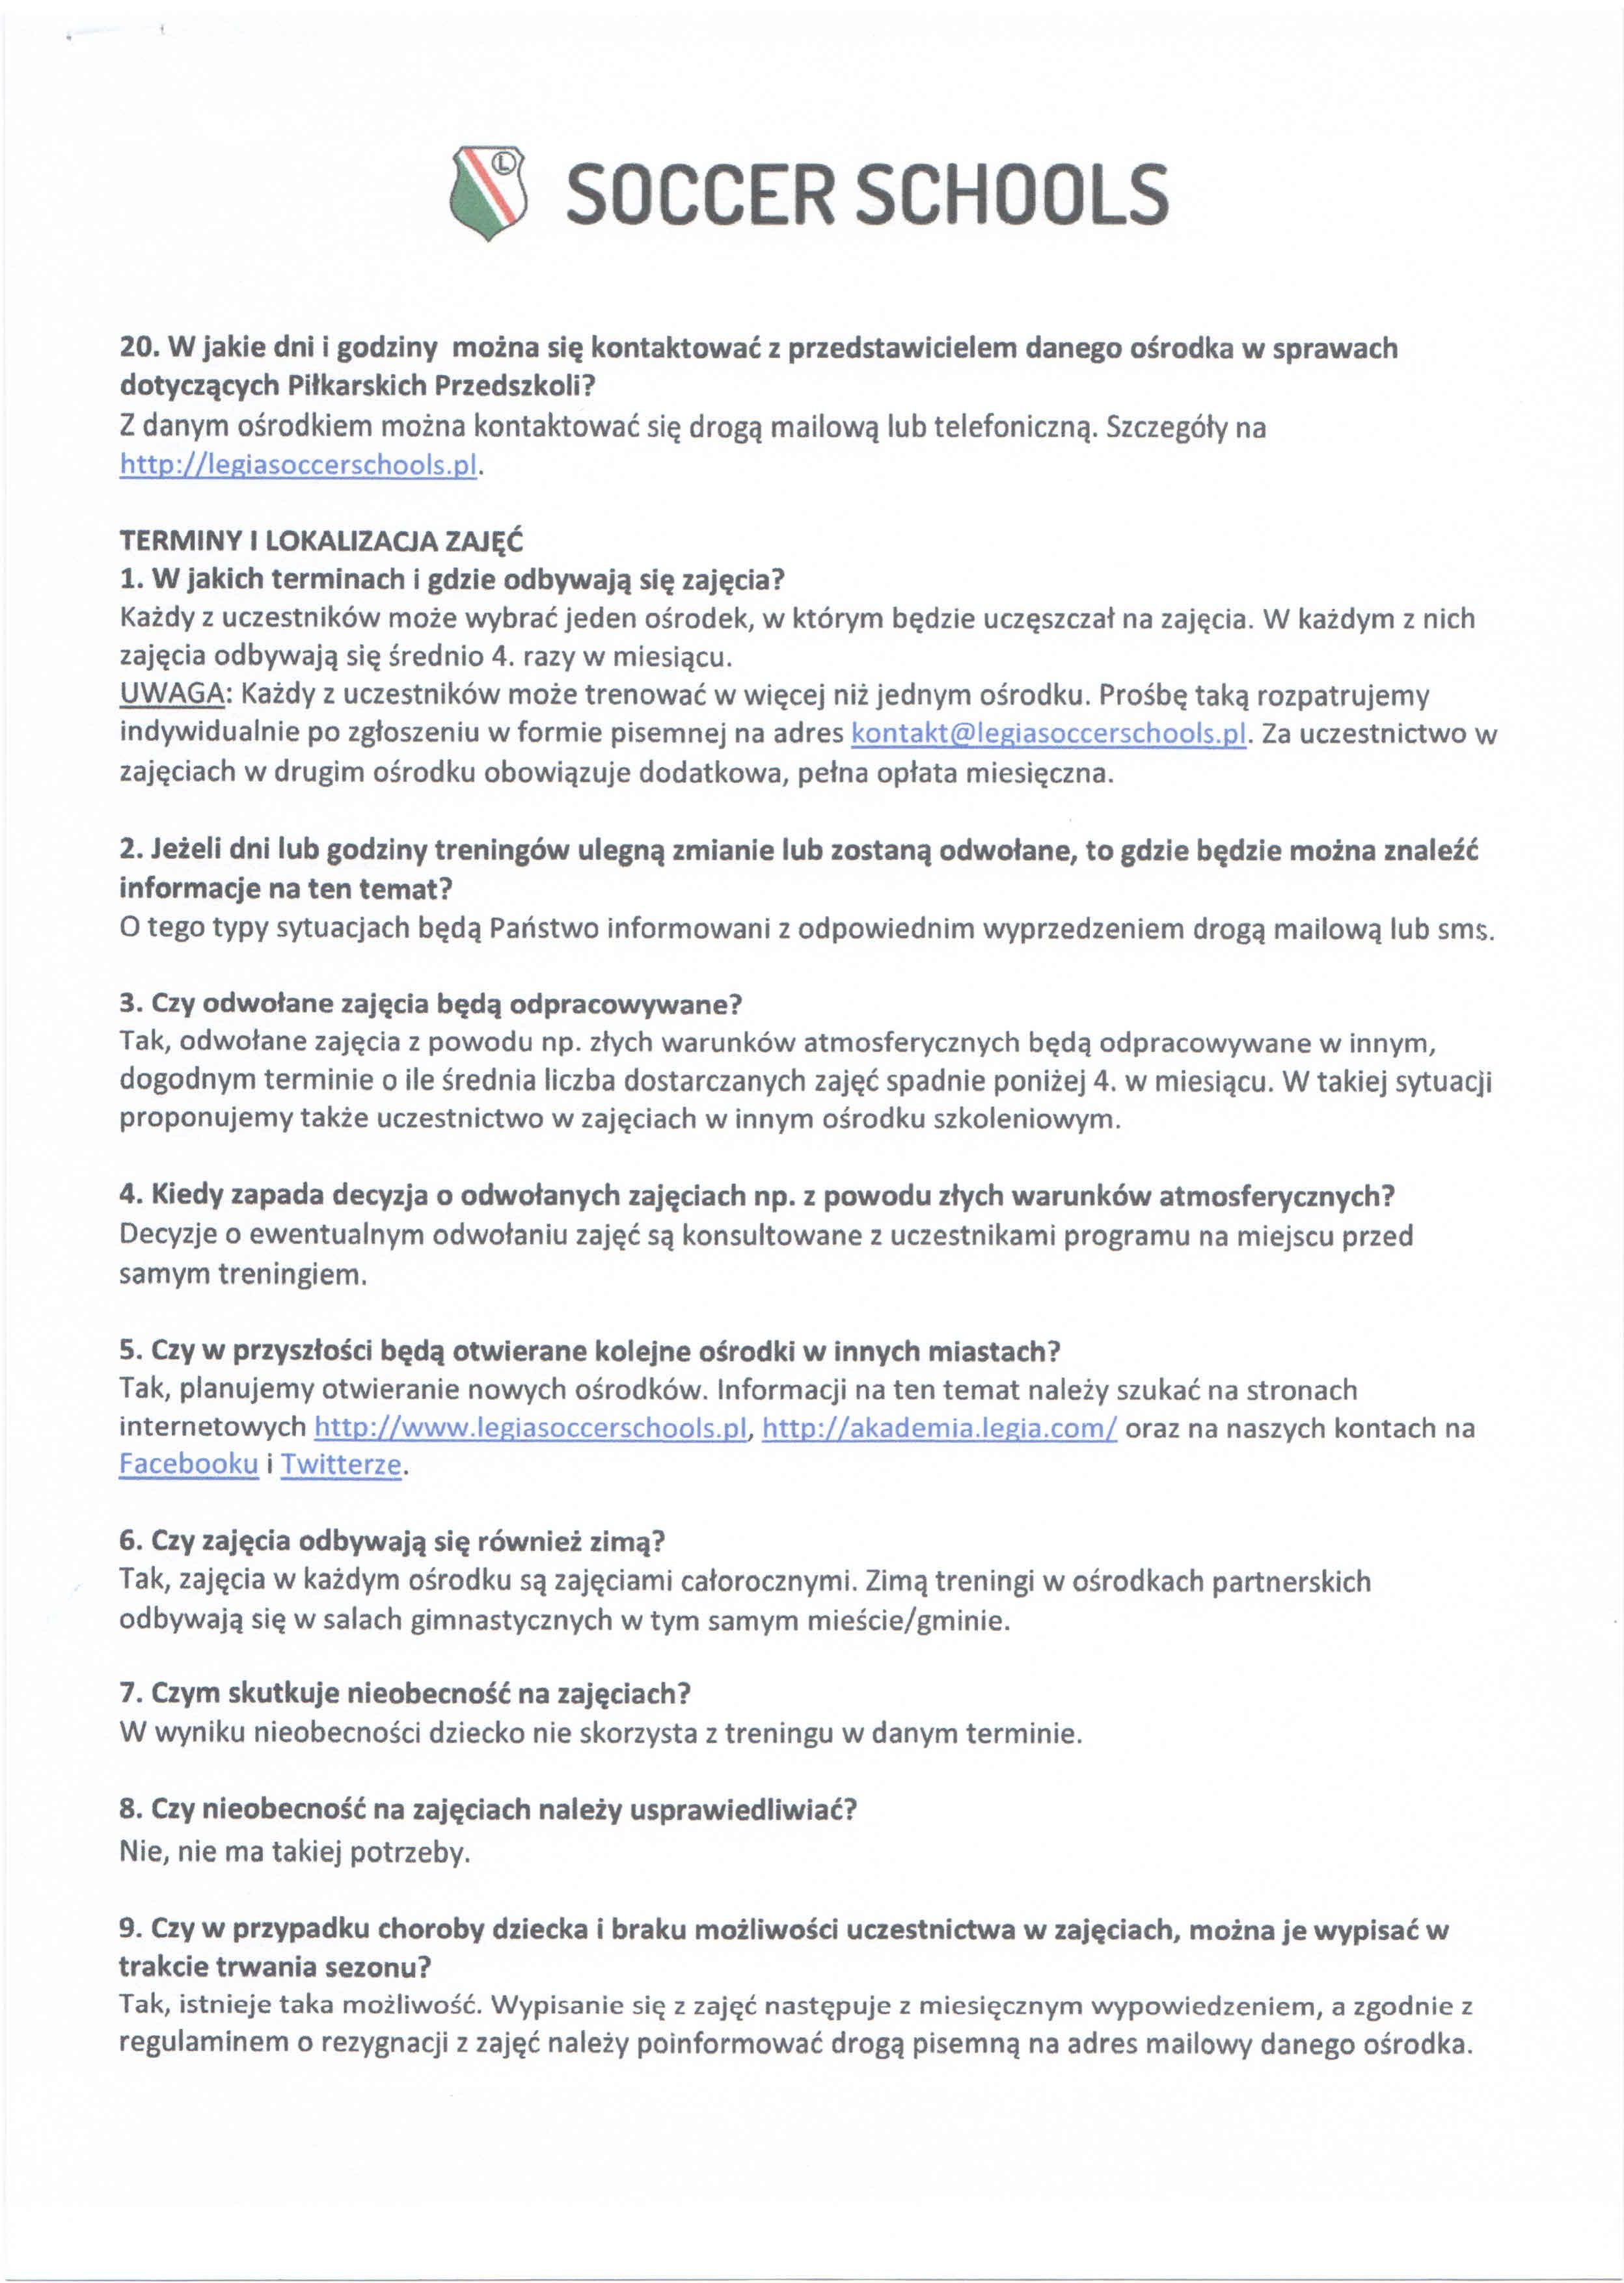 FAQ_-_najczestsze_pytania.2.jpg